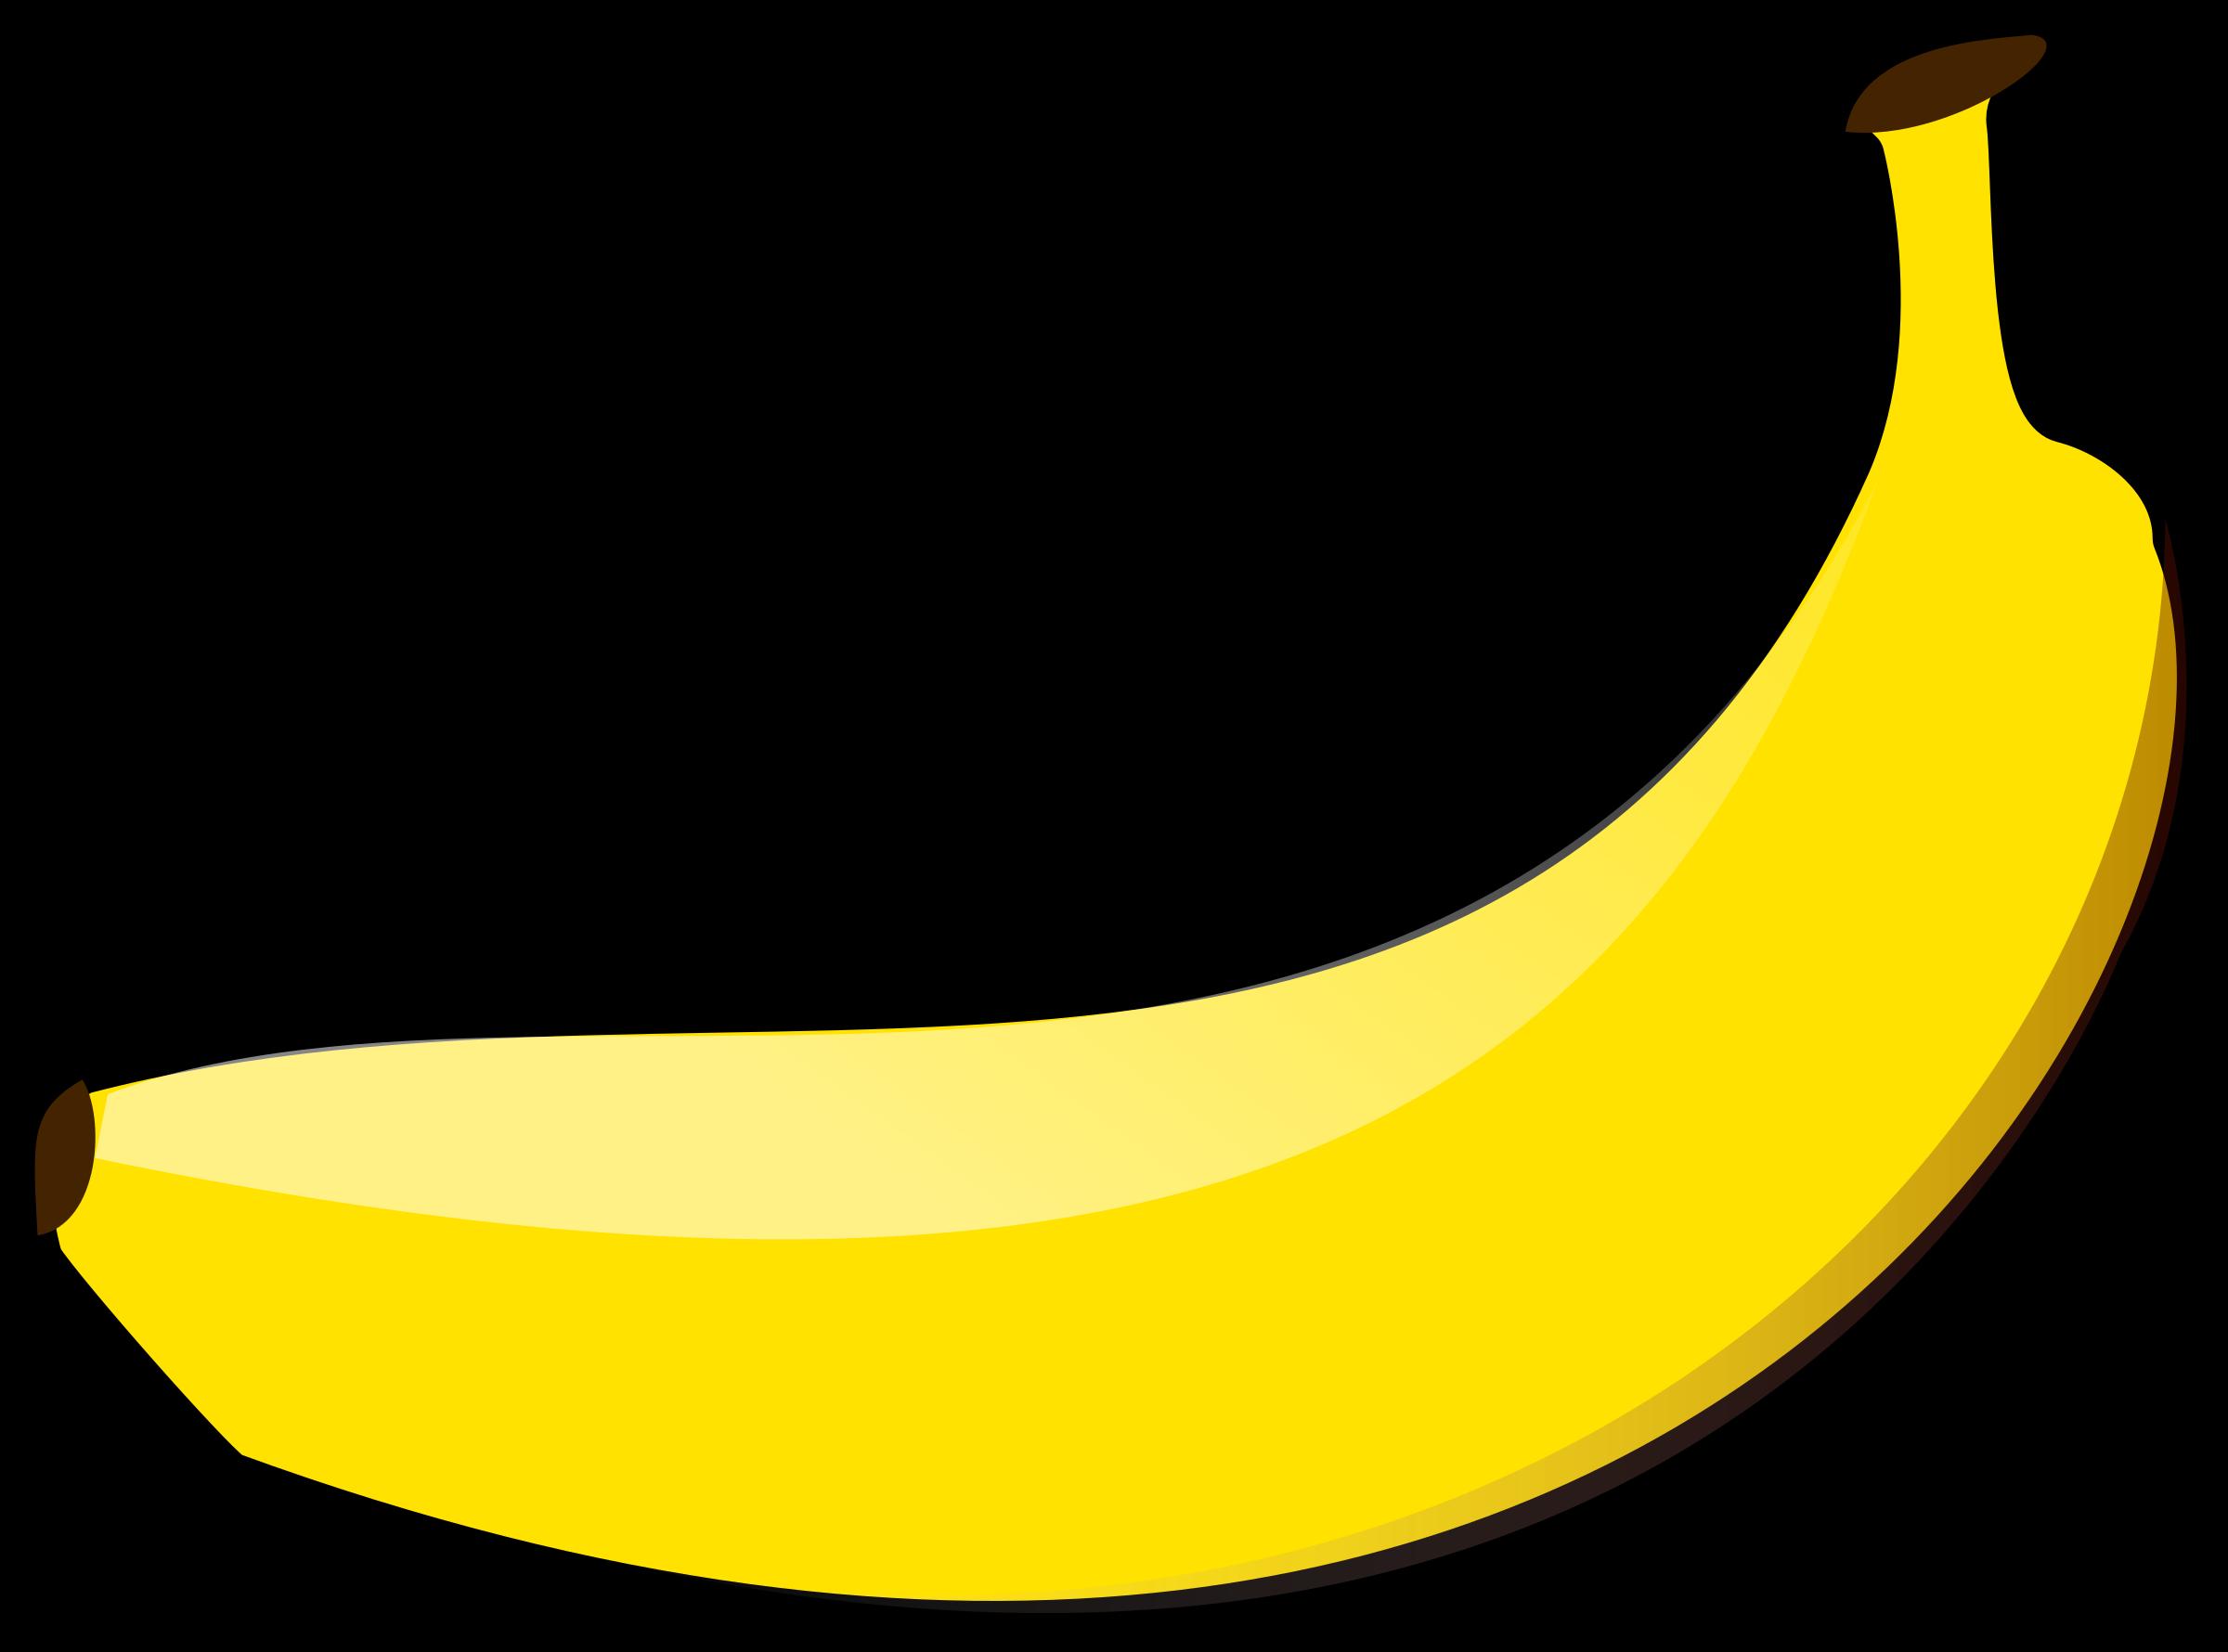 png transparent stock Bananas drawing pattern. Clipart banana